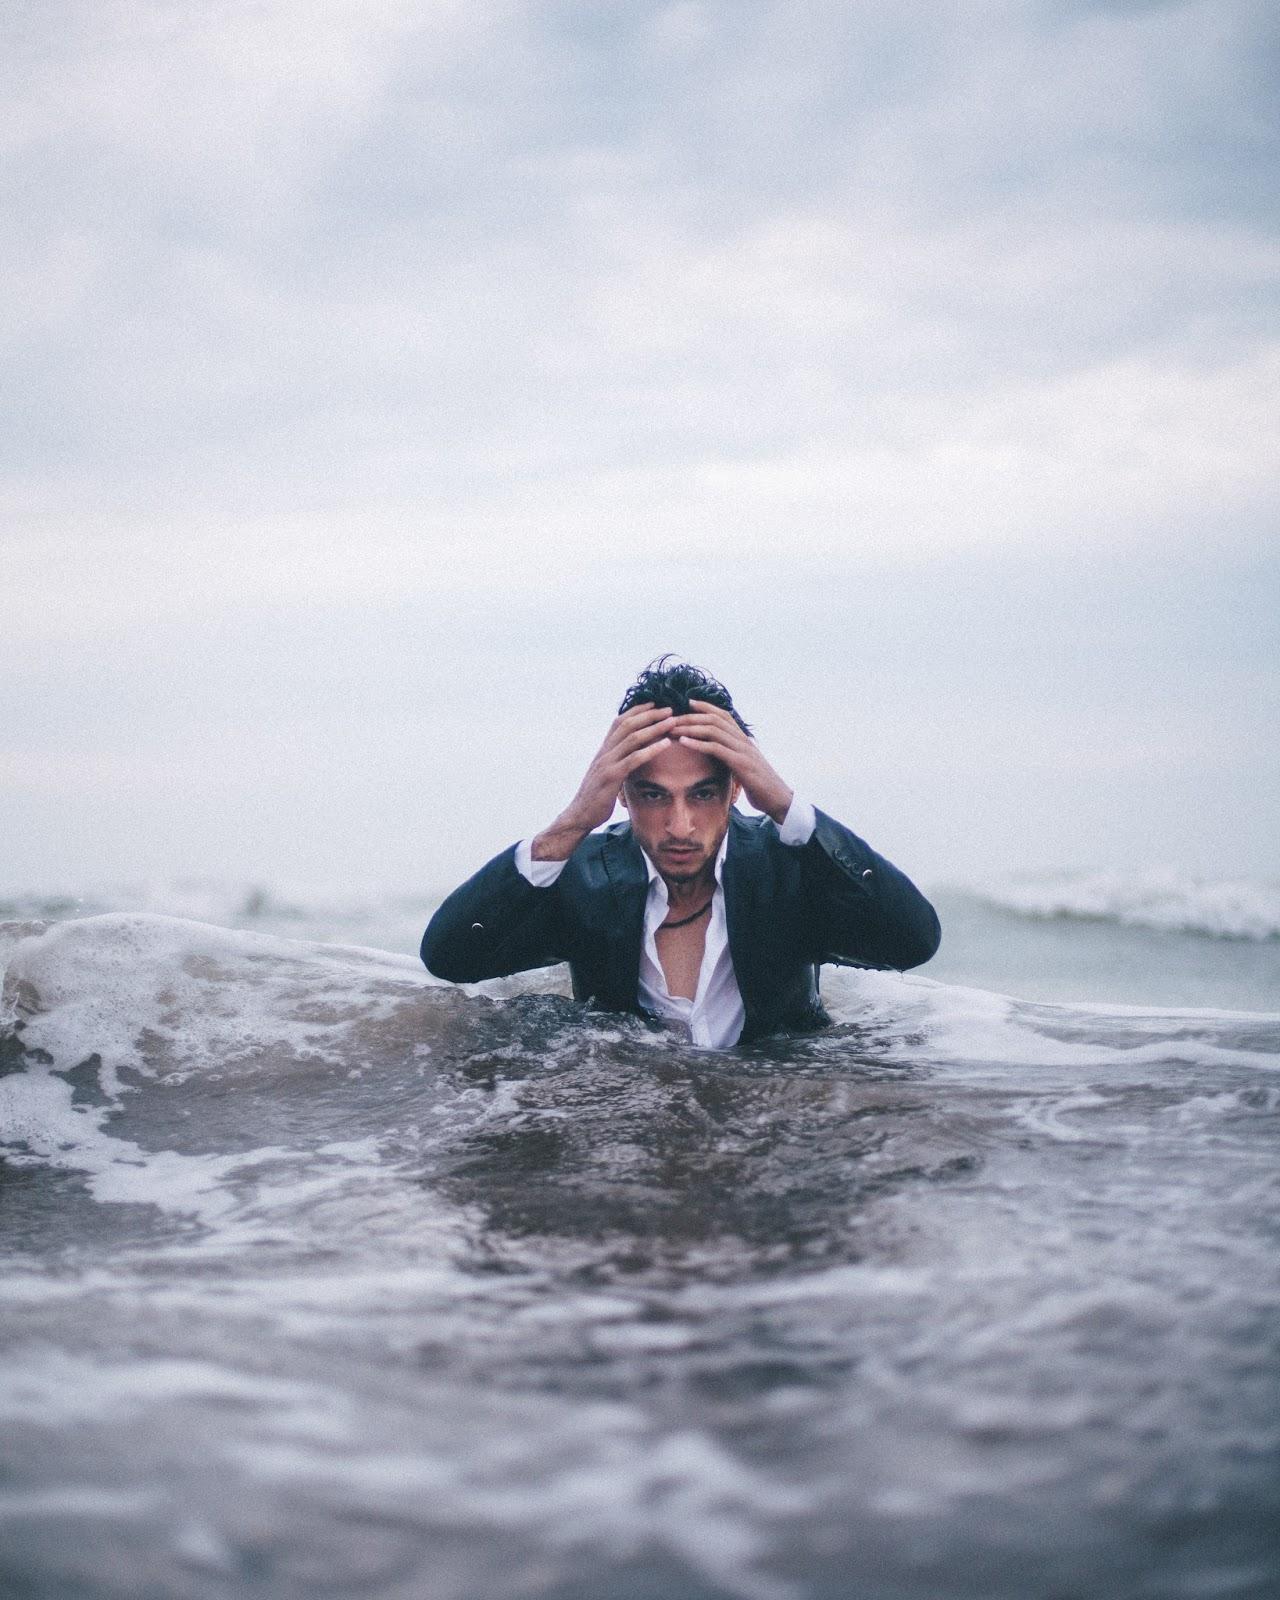 Czy symulacje kryzysowe powinny być realistyczne?